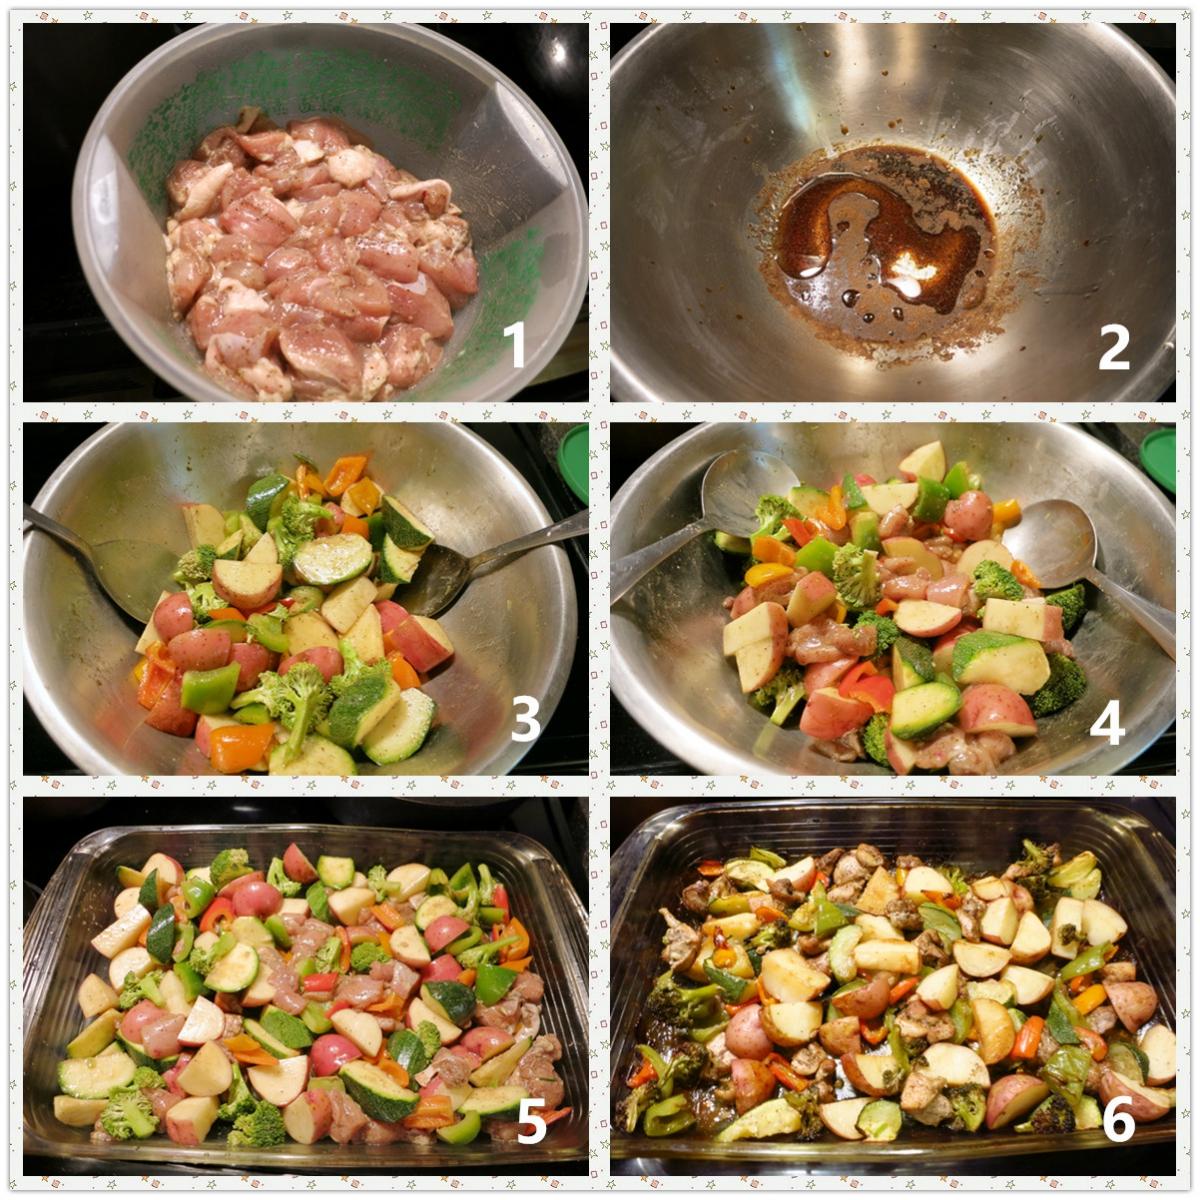 鸡肉时蔬烤箱菜_图1-2